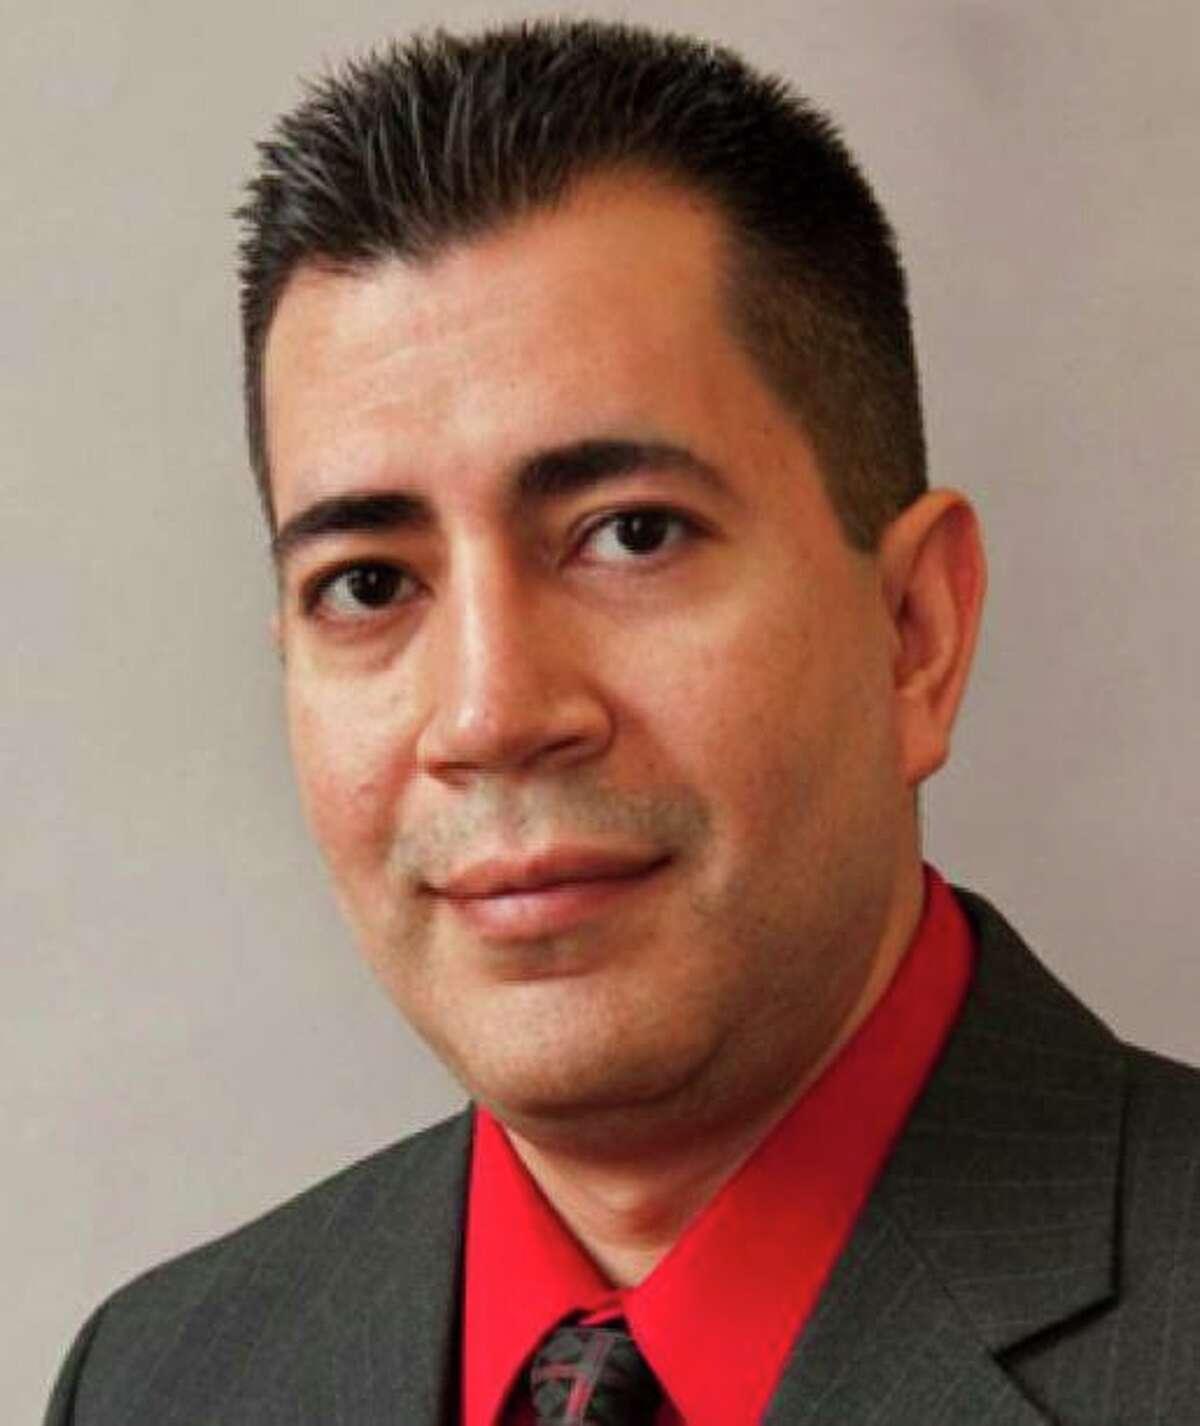 State Rep. Ezequiel Santiago of Bridgeport.